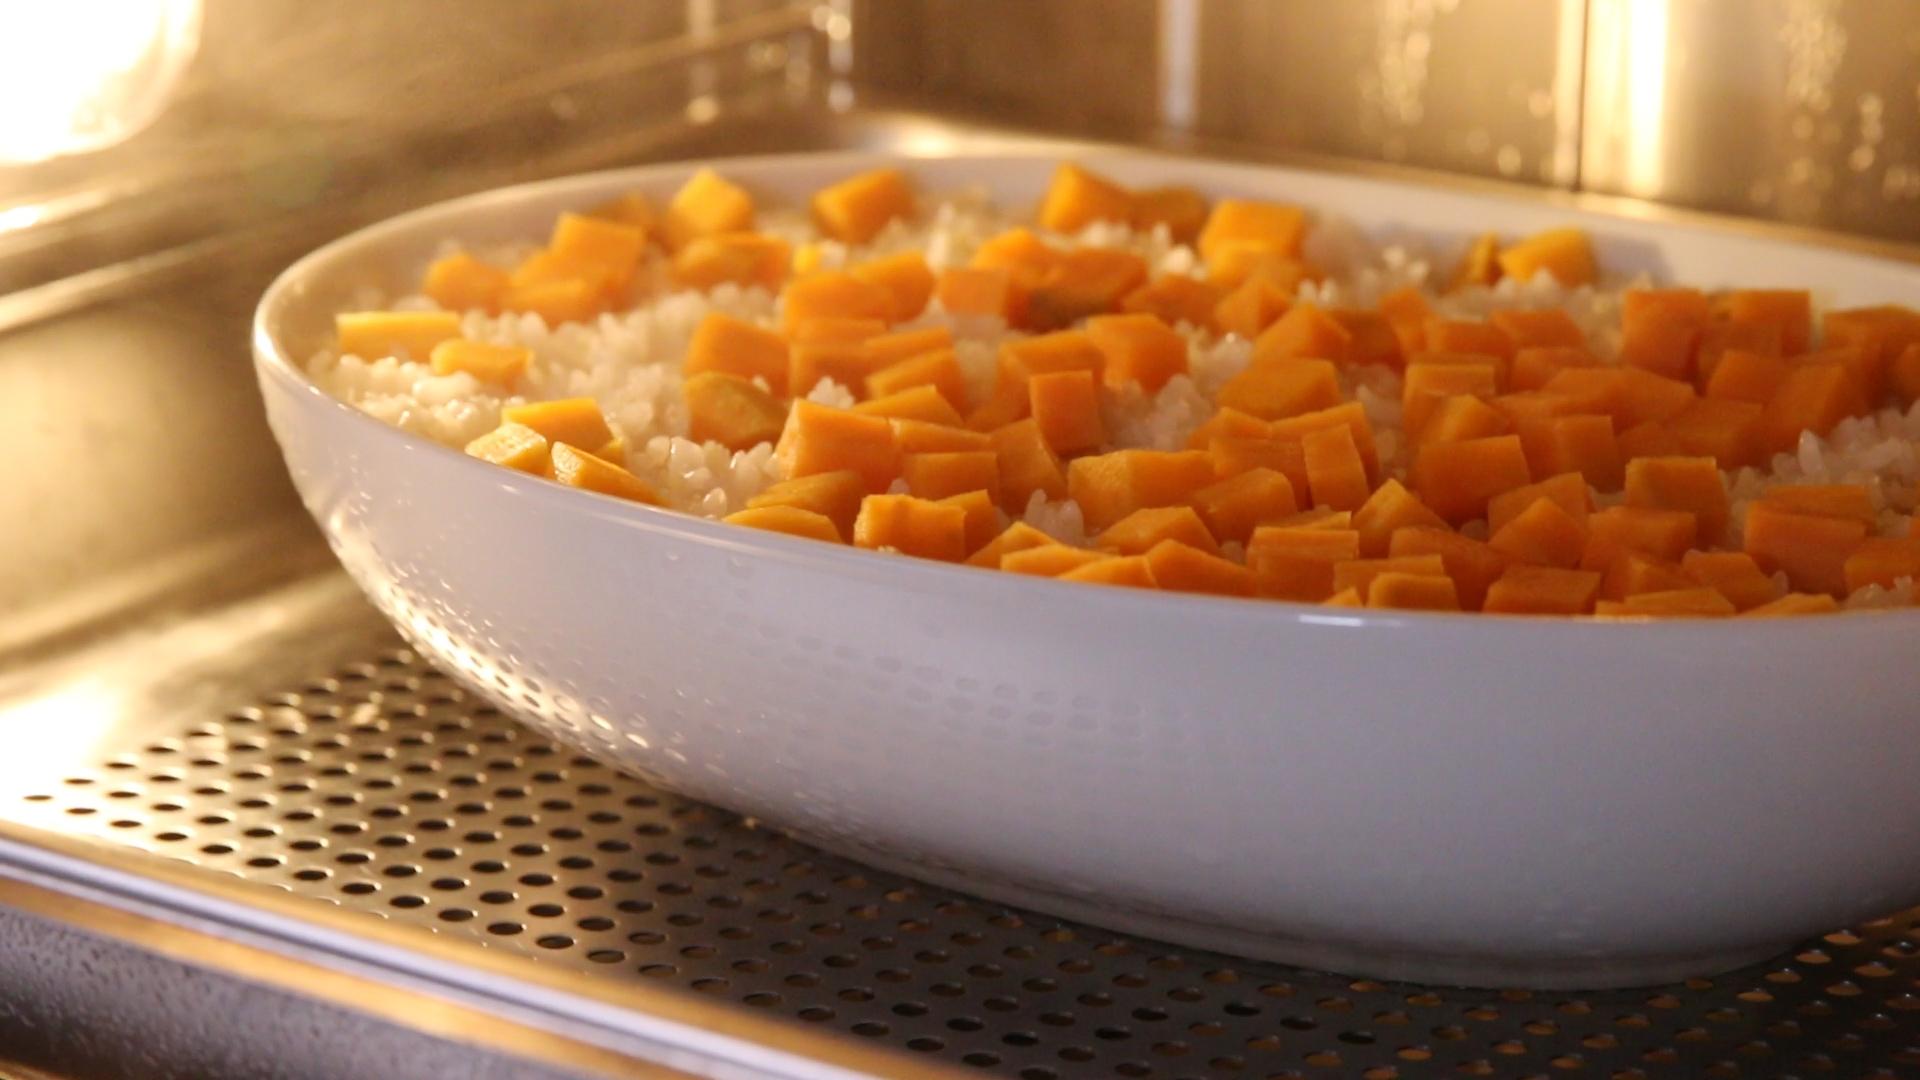 recipe_content_196871_item_1